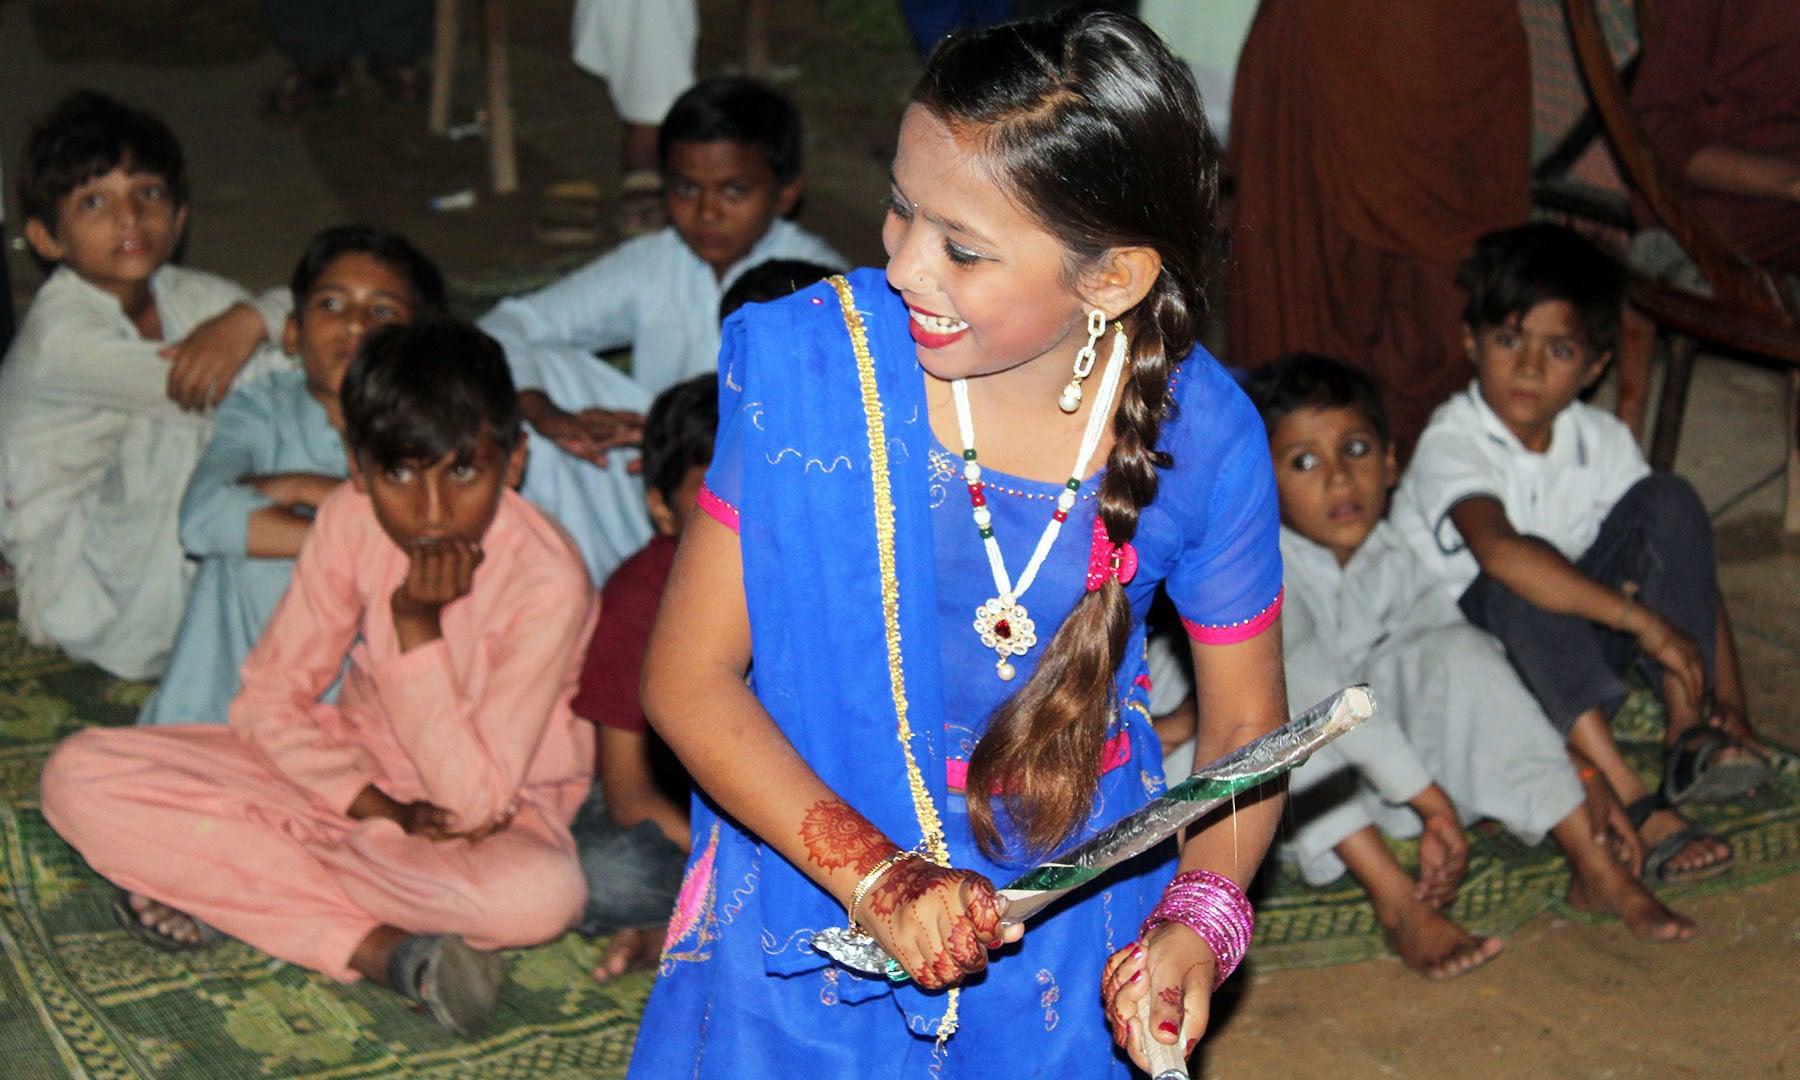 پوجا کے ساتھ ساتھ اس موقع پر ڈانڈیا رقص بھی کیا جاتا ہے۔— اختر حفیظ